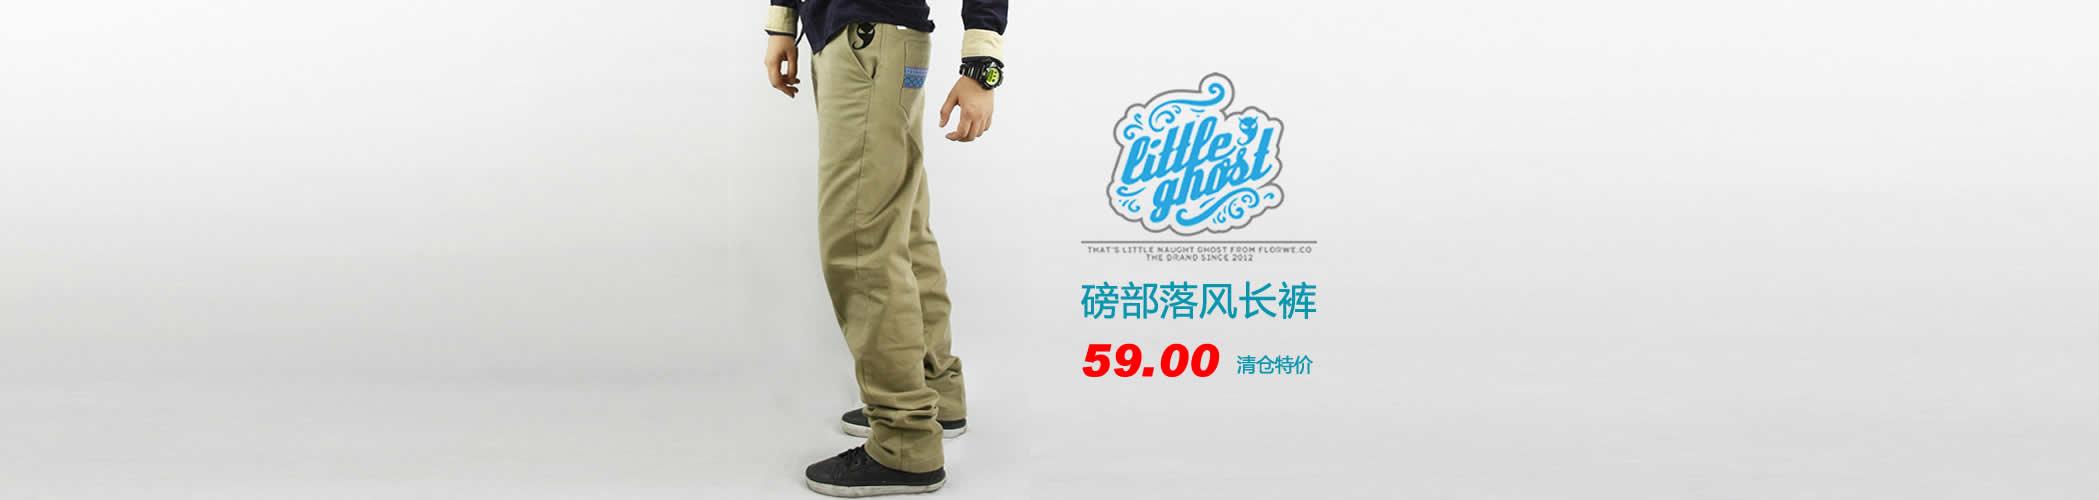 LILGHO 磅部落风长裤 清仓特价59元一件